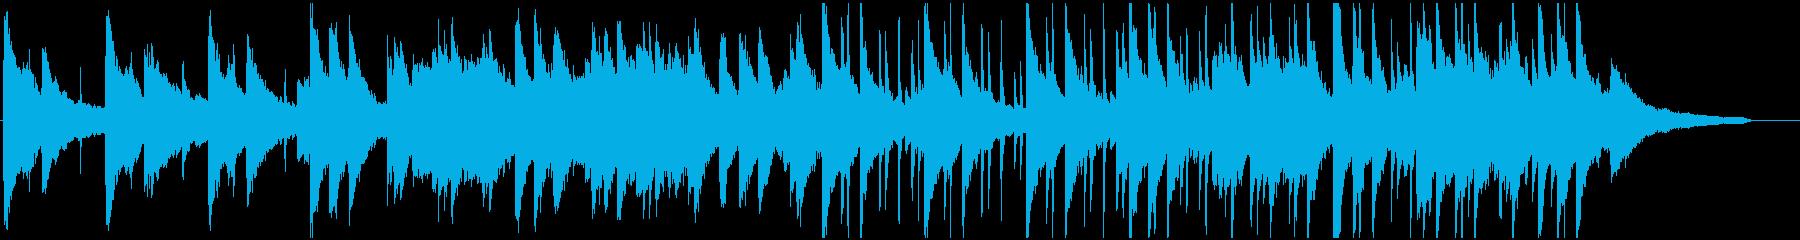 爽やかなピアノ、カホンのゆったりBGMの再生済みの波形